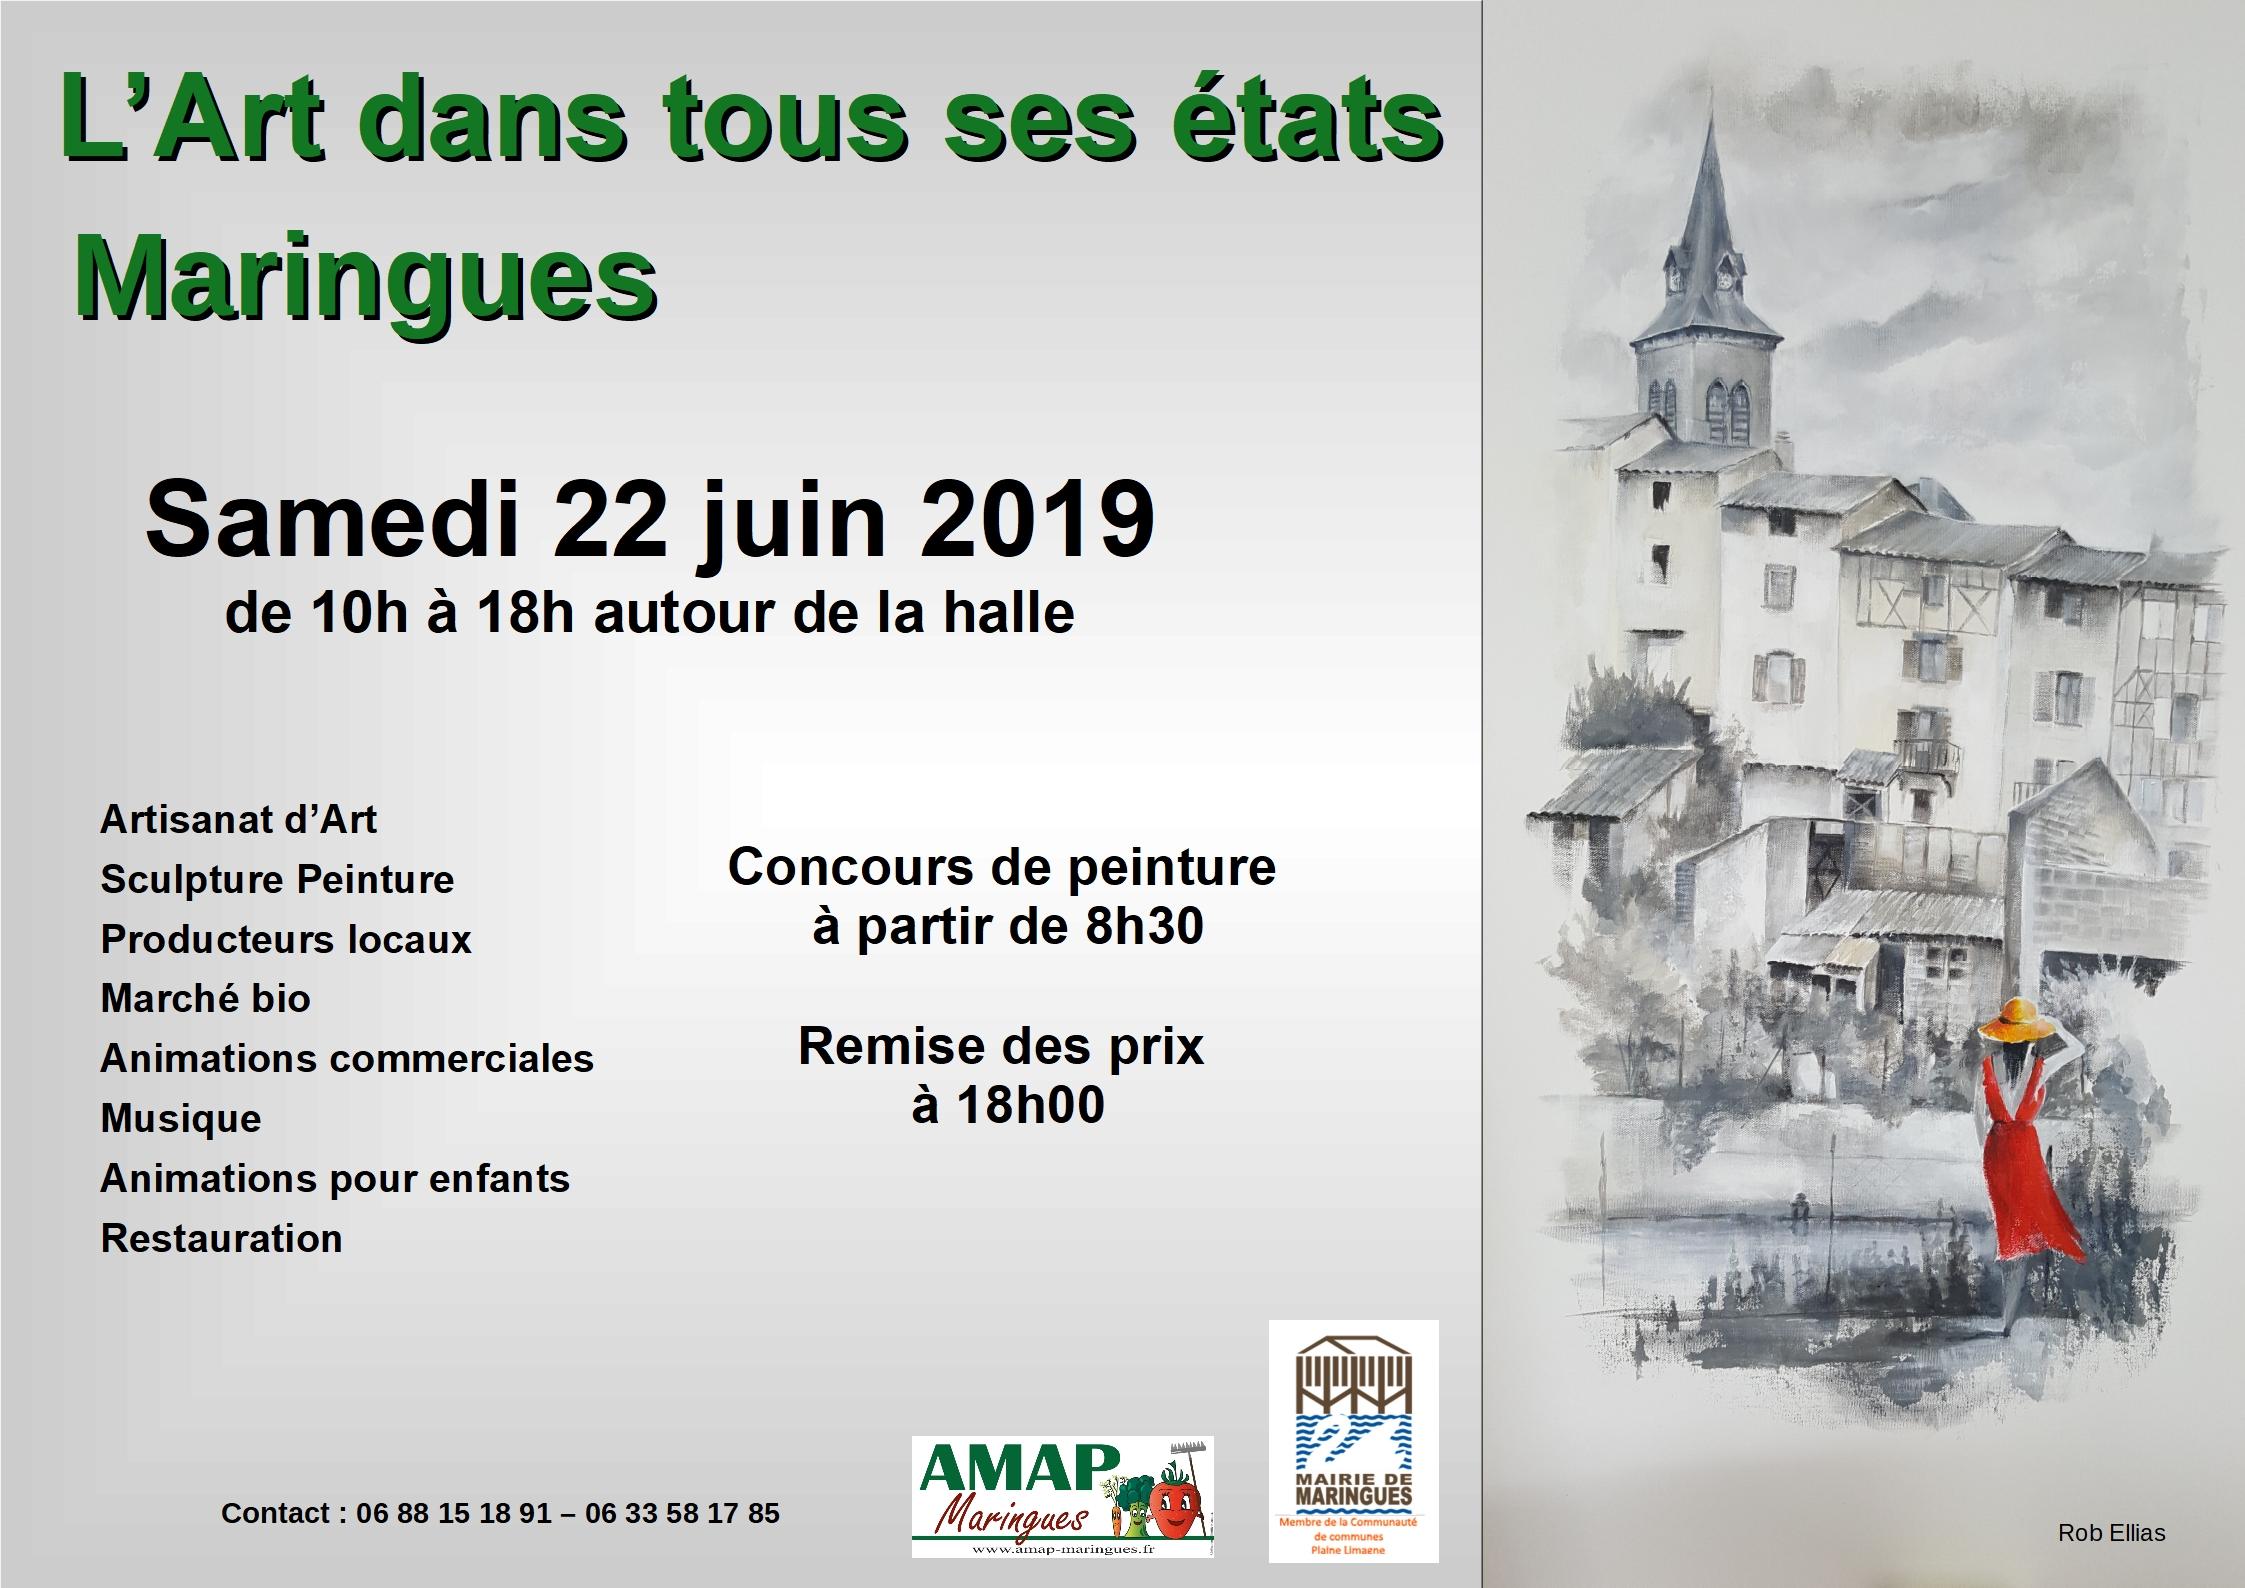 L'art dans tous ses états 22 juin 2019 à Maringues